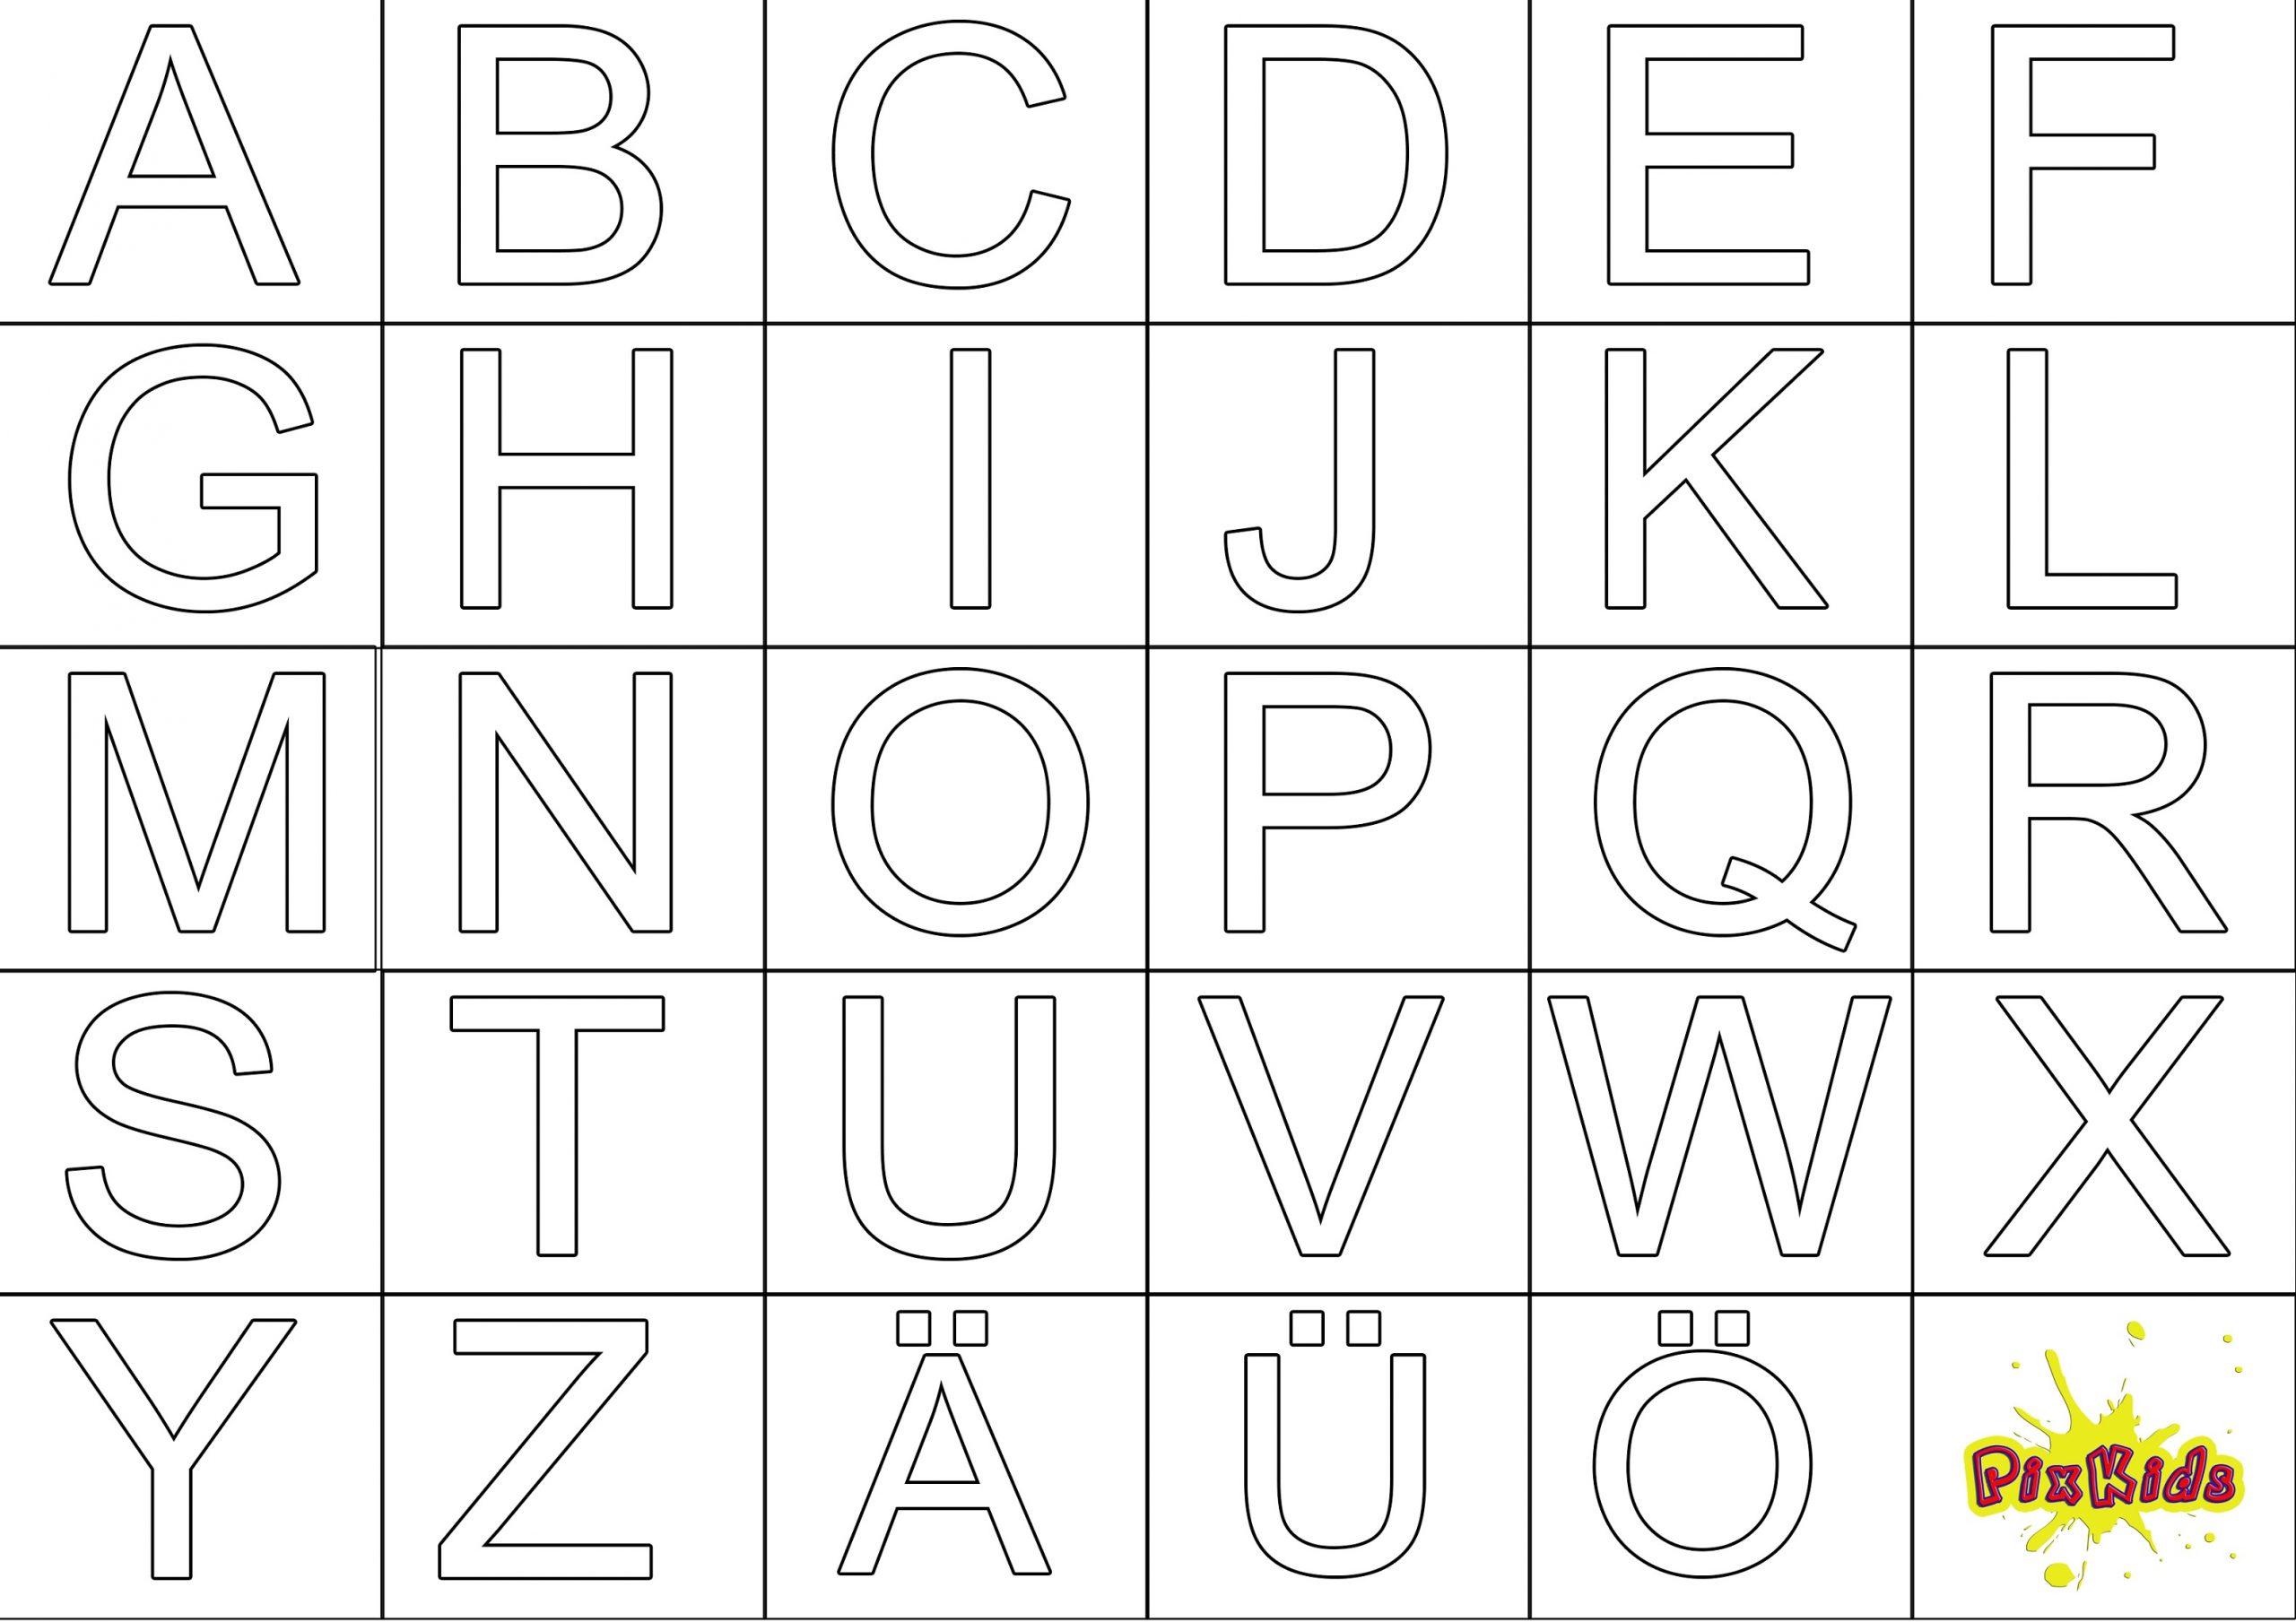 Ausmalbild Abc - Kostenlose Malvorlagen verwandt mit Malvorlage Buchstaben